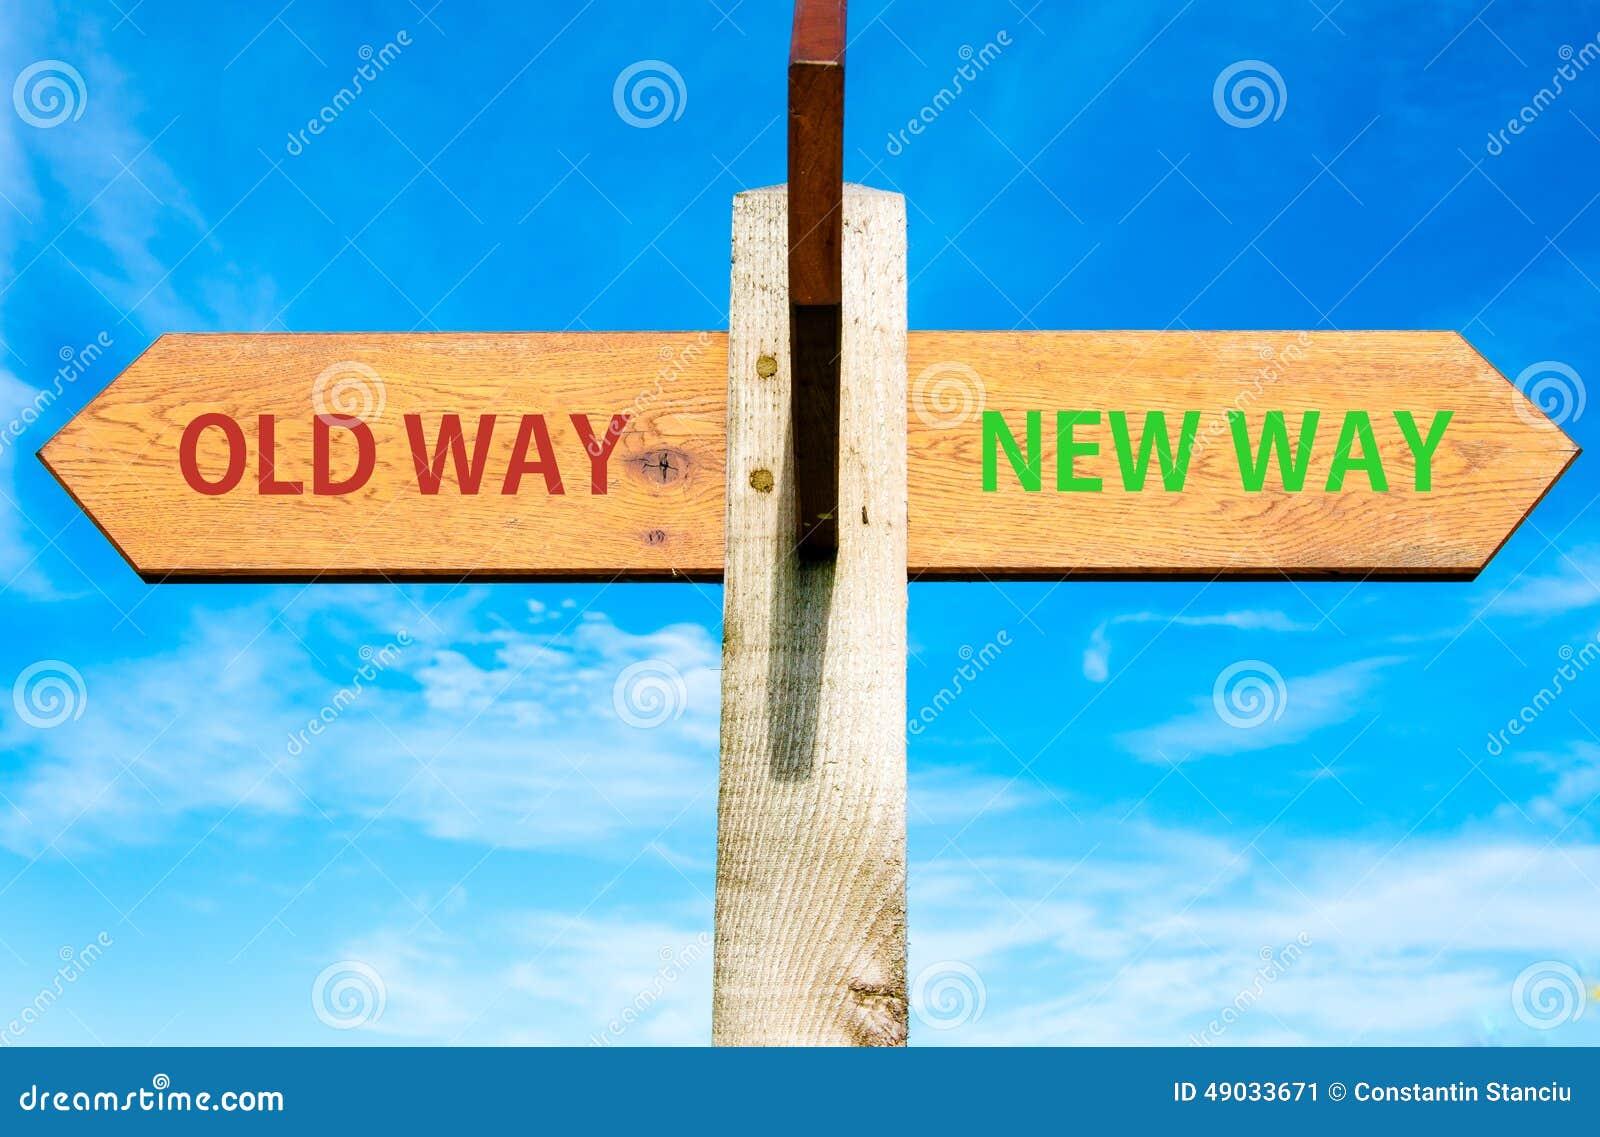 Il vecchio modo ed il nuovo modo firma, immagine concettuale del cambiamento di vita